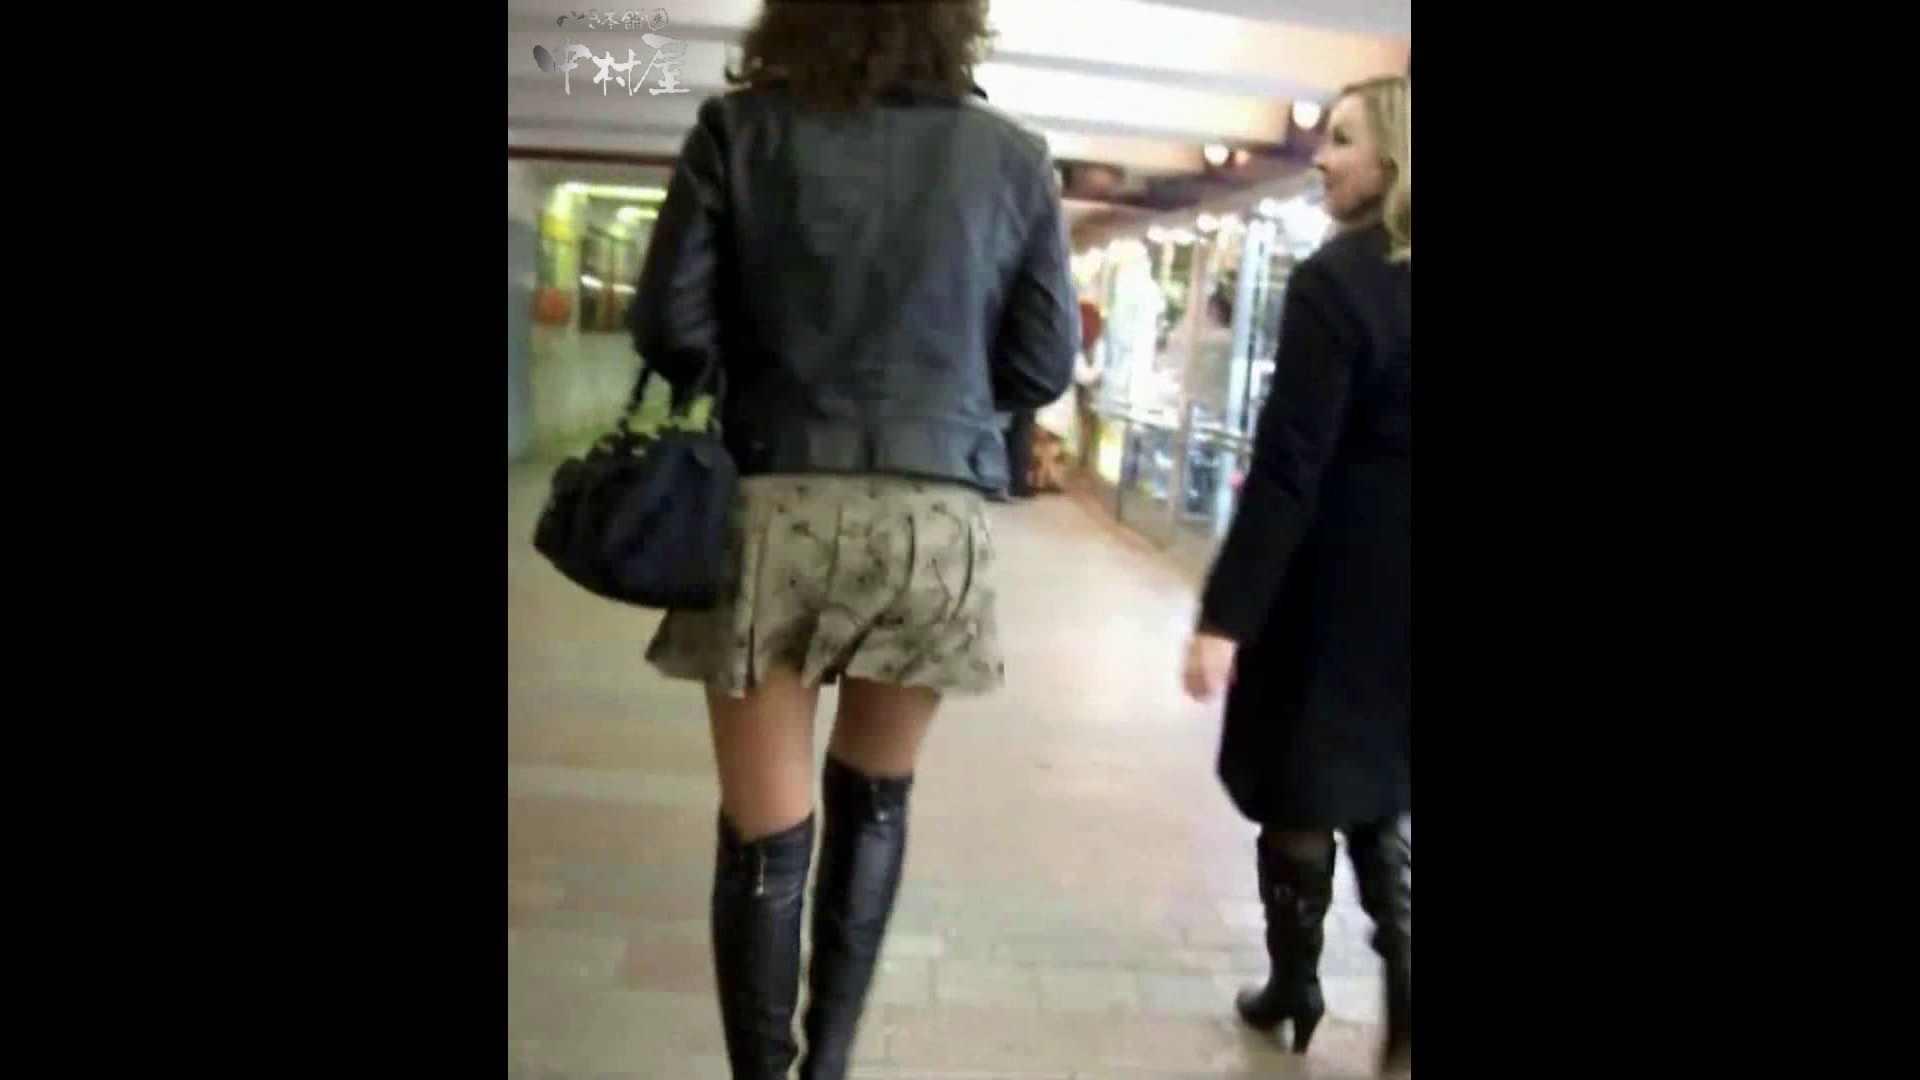 綺麗なモデルさんのスカート捲っちゃおう‼ vol15 モデルのエロ生活 濡れ場動画紹介 79連発 71